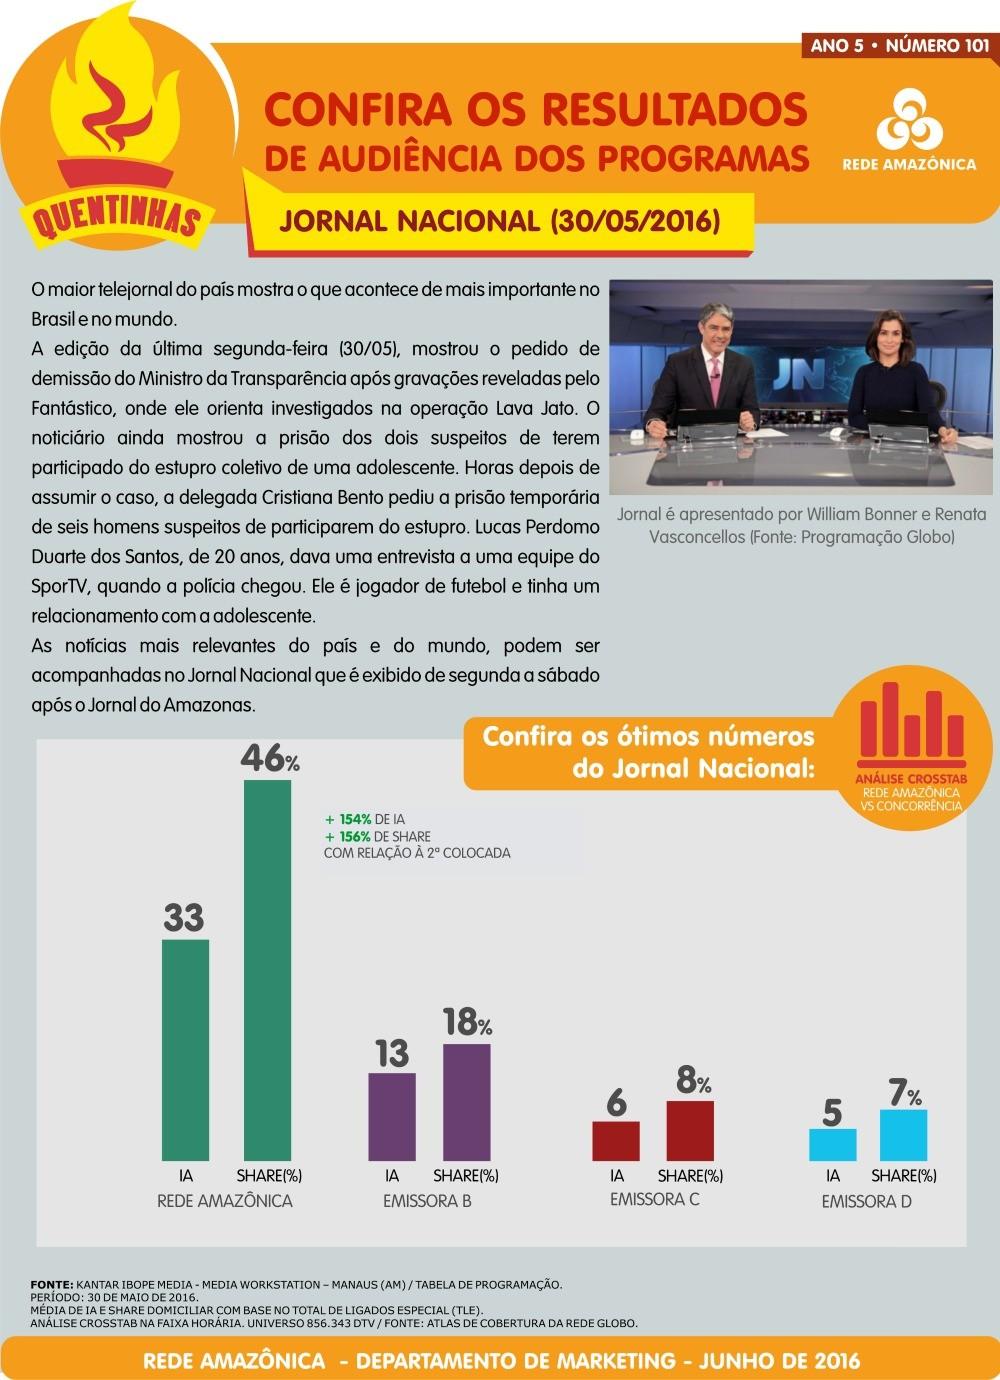 Rede Amazônica: confira a audiência do Jornal Nacional (Foto: Marketing/Rede Amazônica)